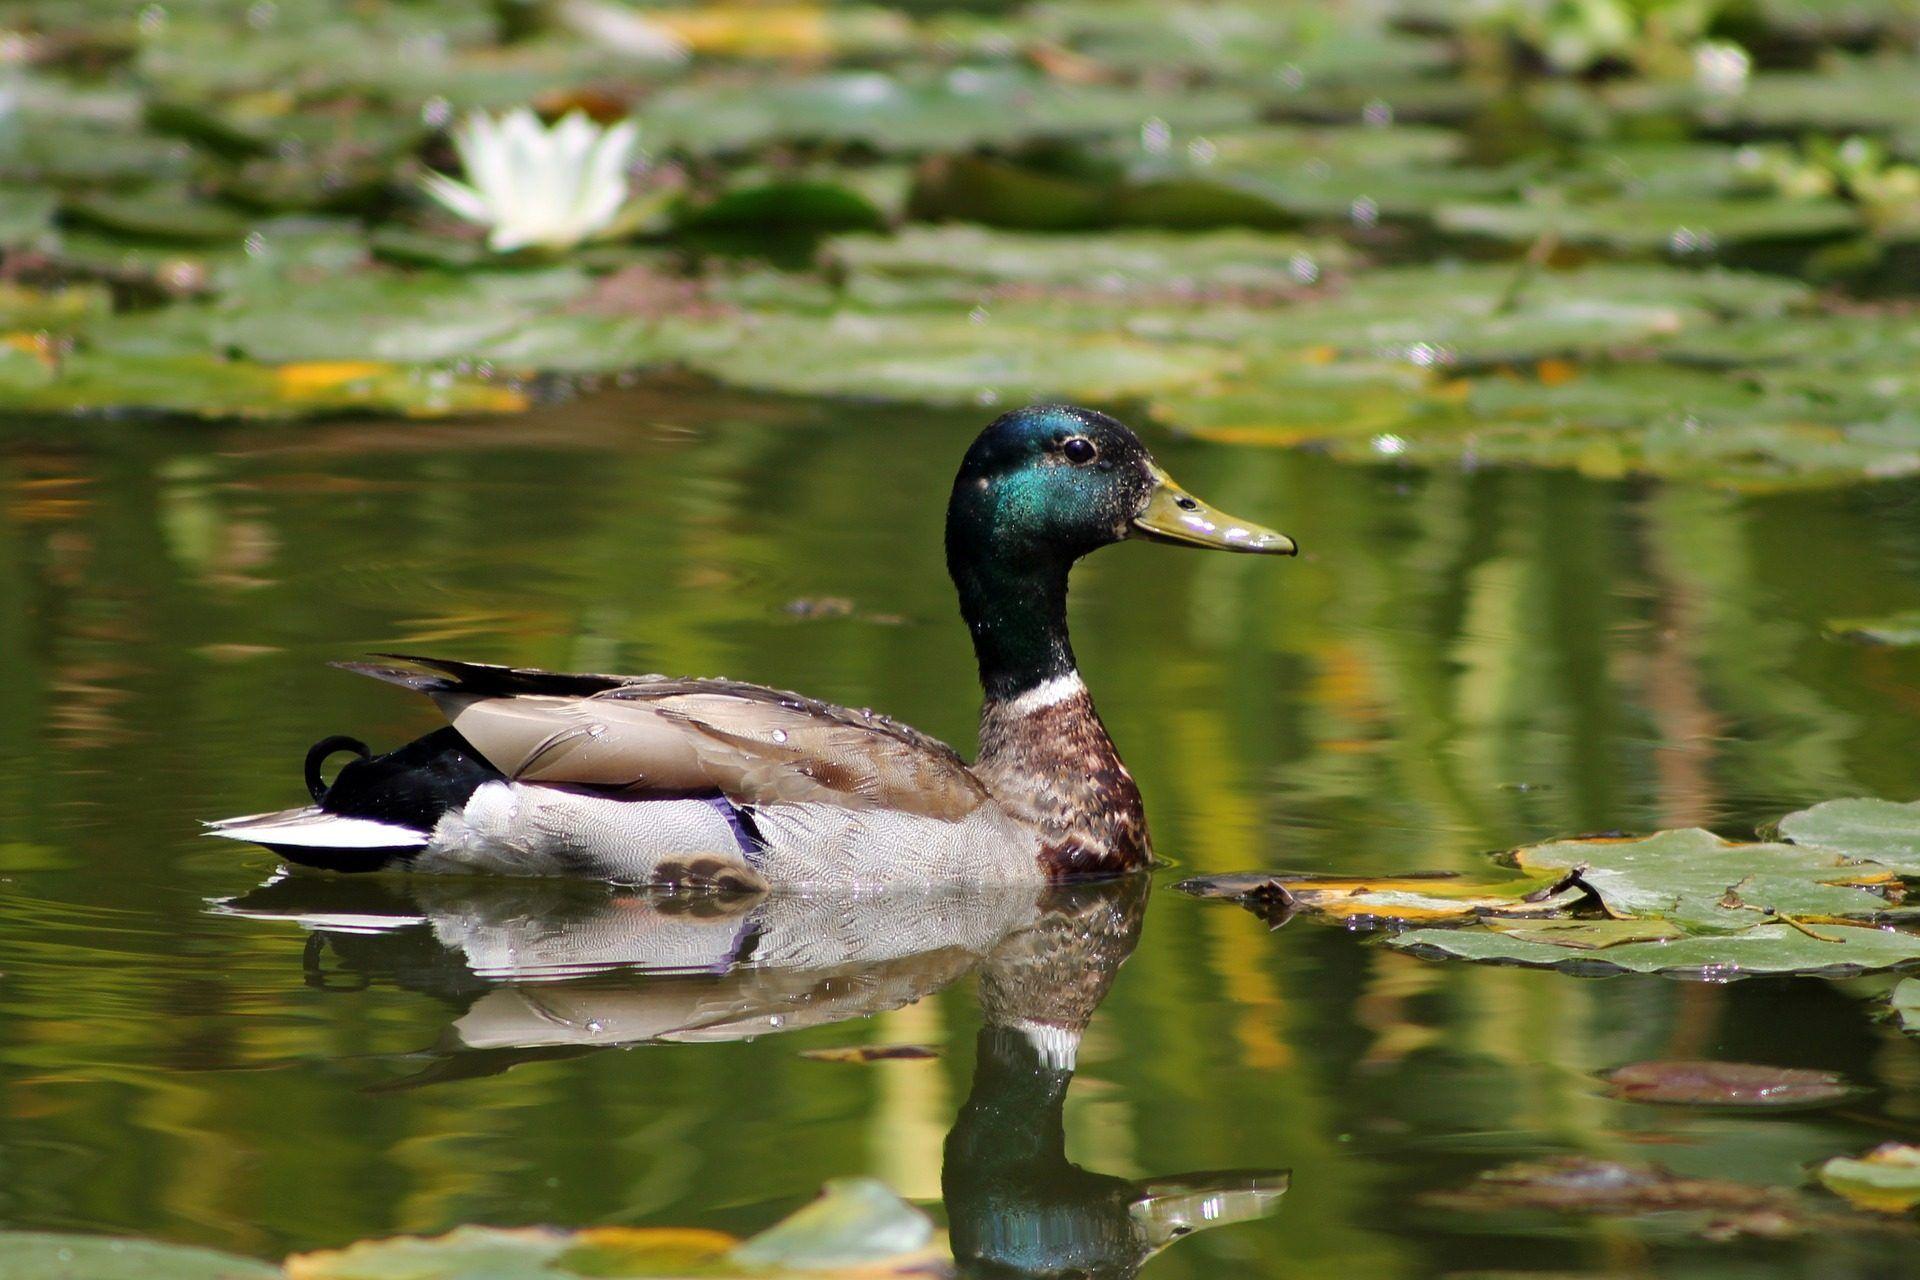 Pato ave estanque lago hojas agua nen fares for Estanques para patos prefabricados